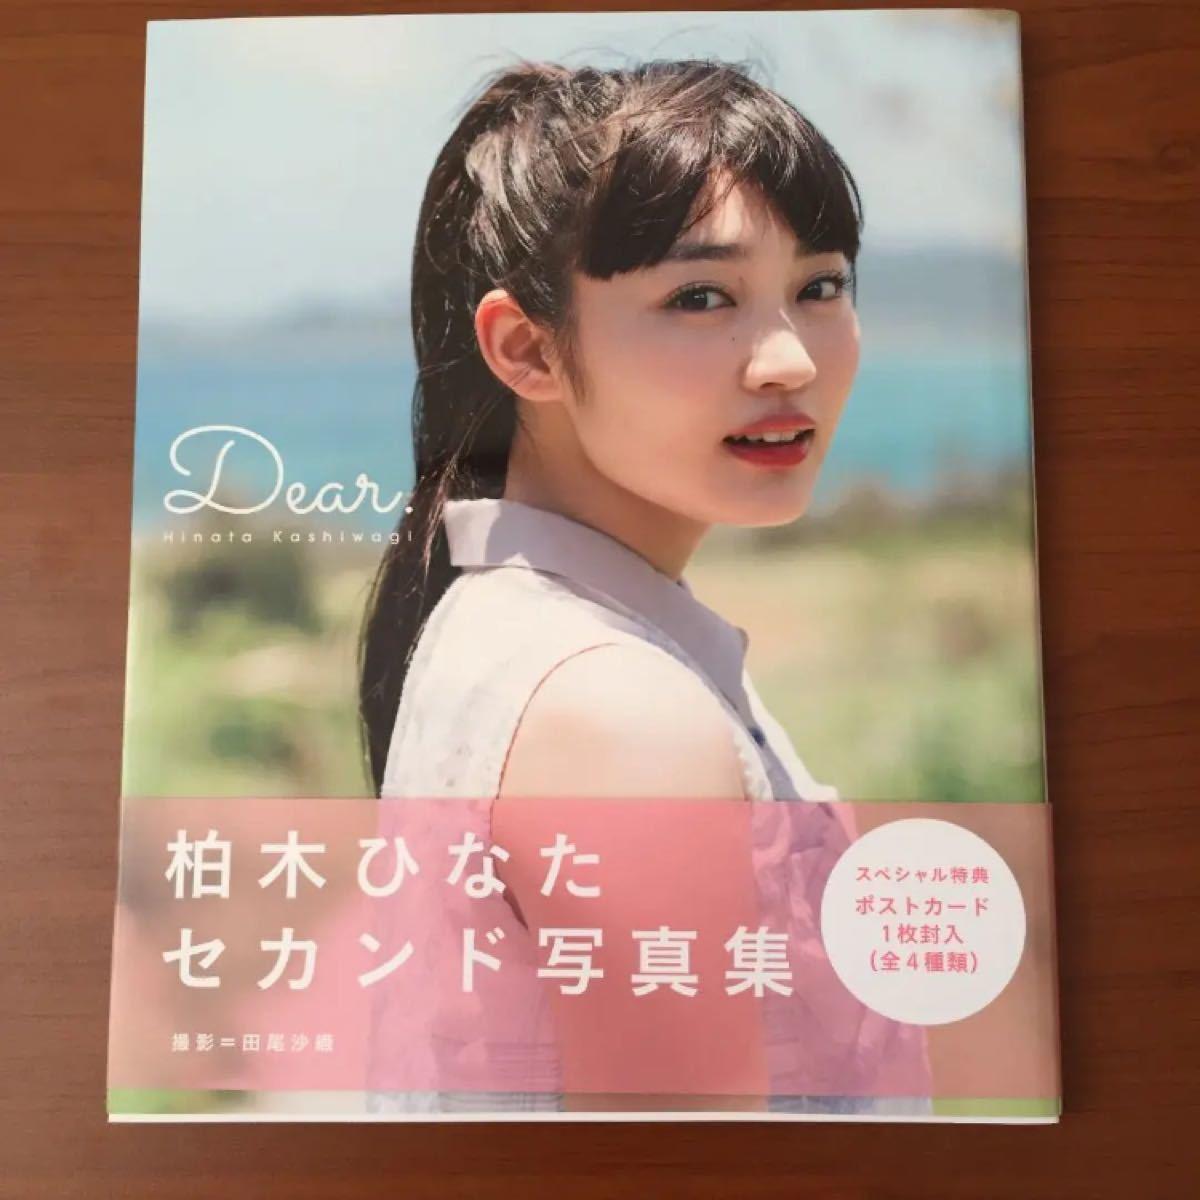 初版 Dear. 柏木ひなた セカンド写真集 私立恵比寿中学 エビ中